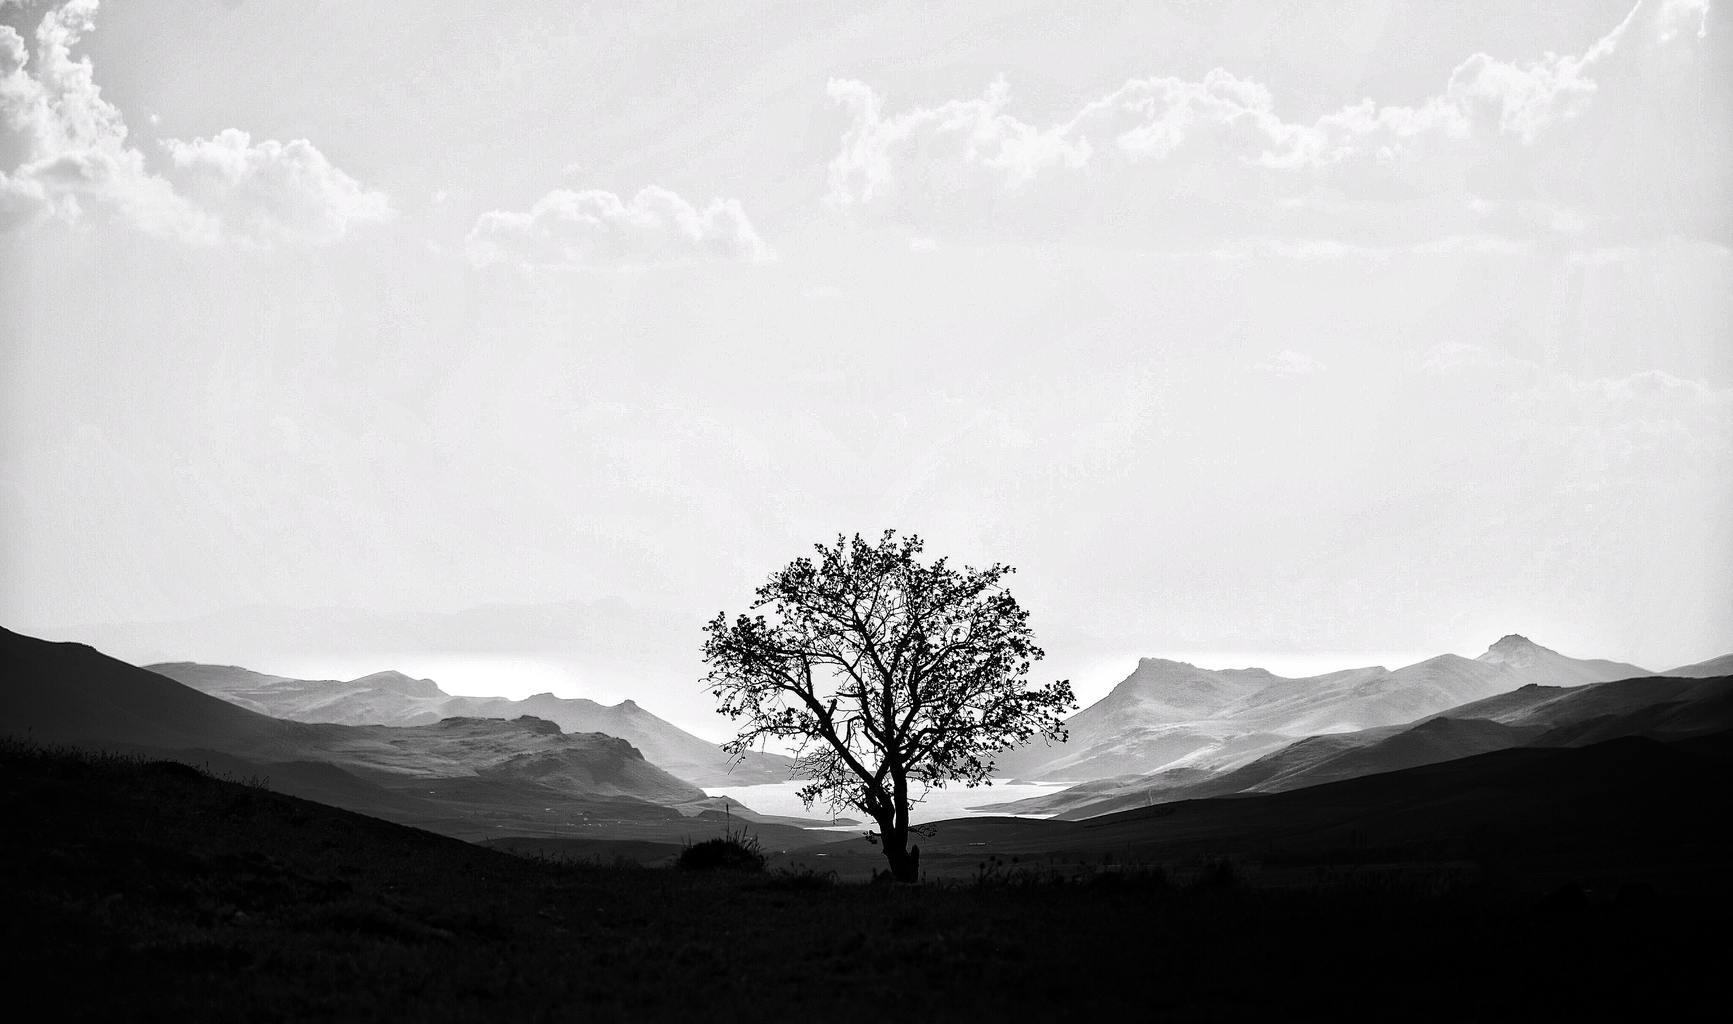 paisaje en blanco y negro con árbol y montañas